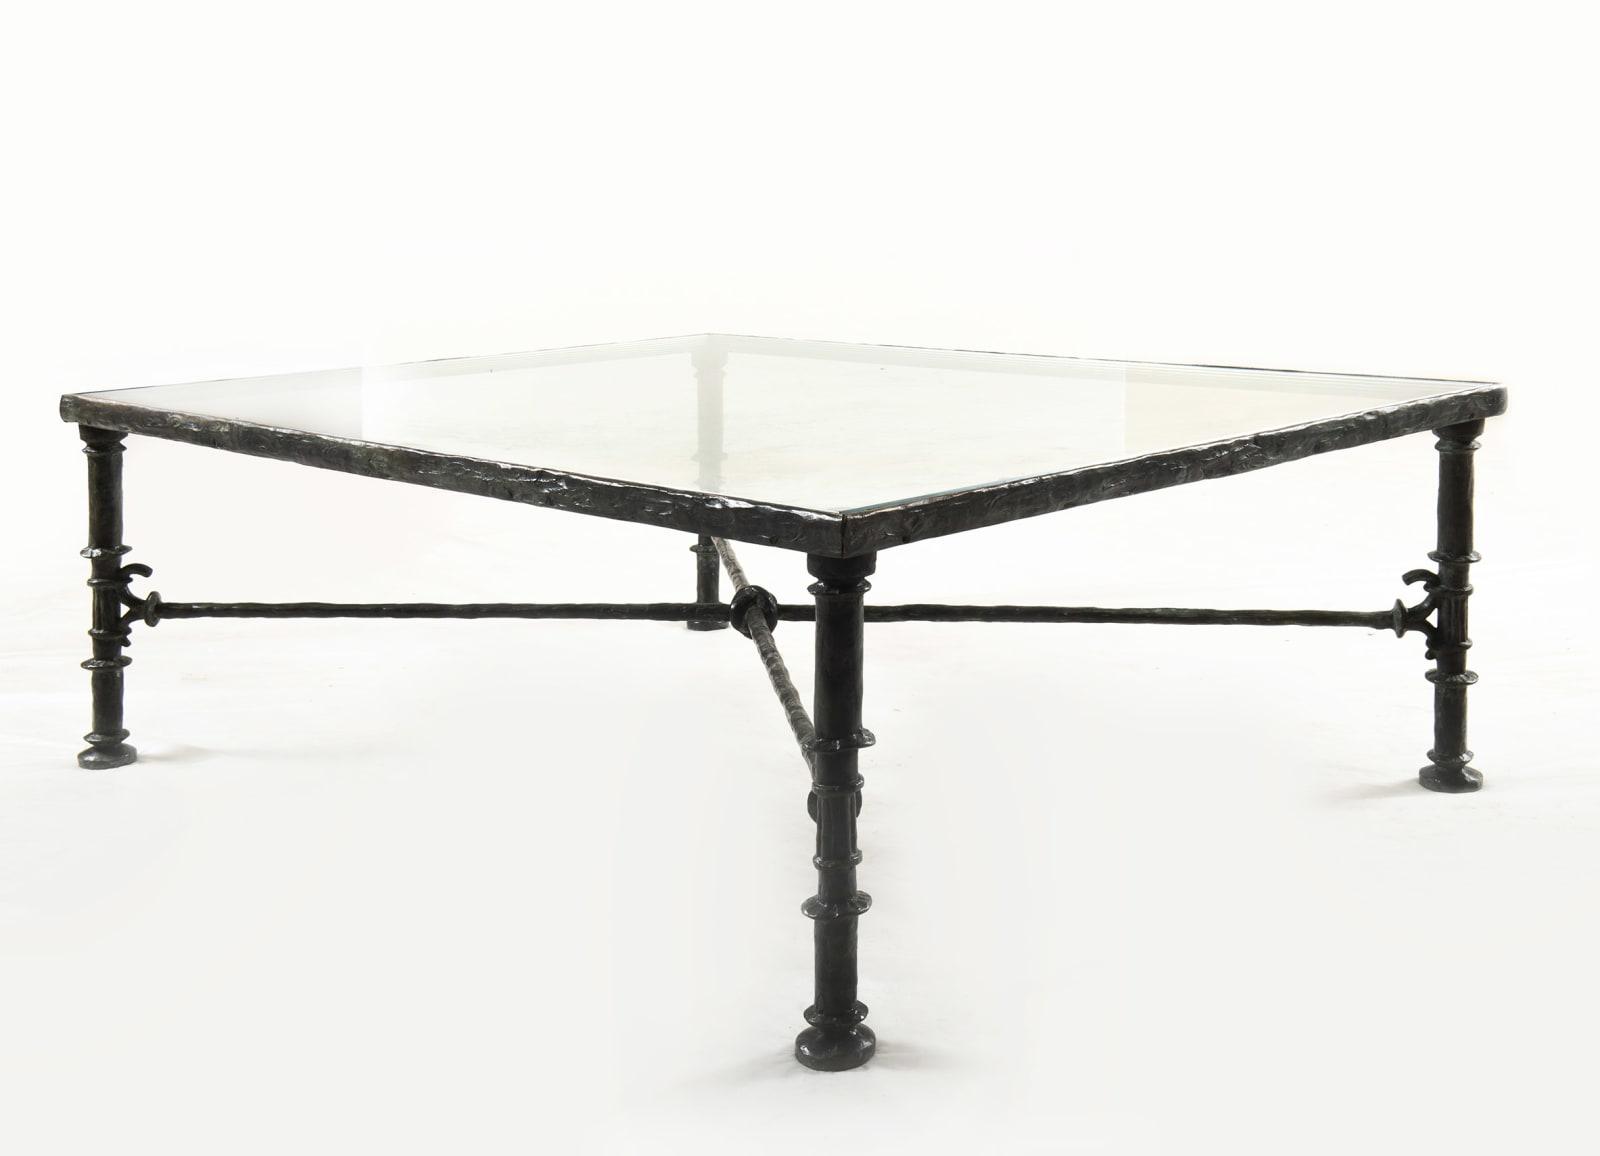 DIEGO GIACOMETTI, Table grecque, 1962